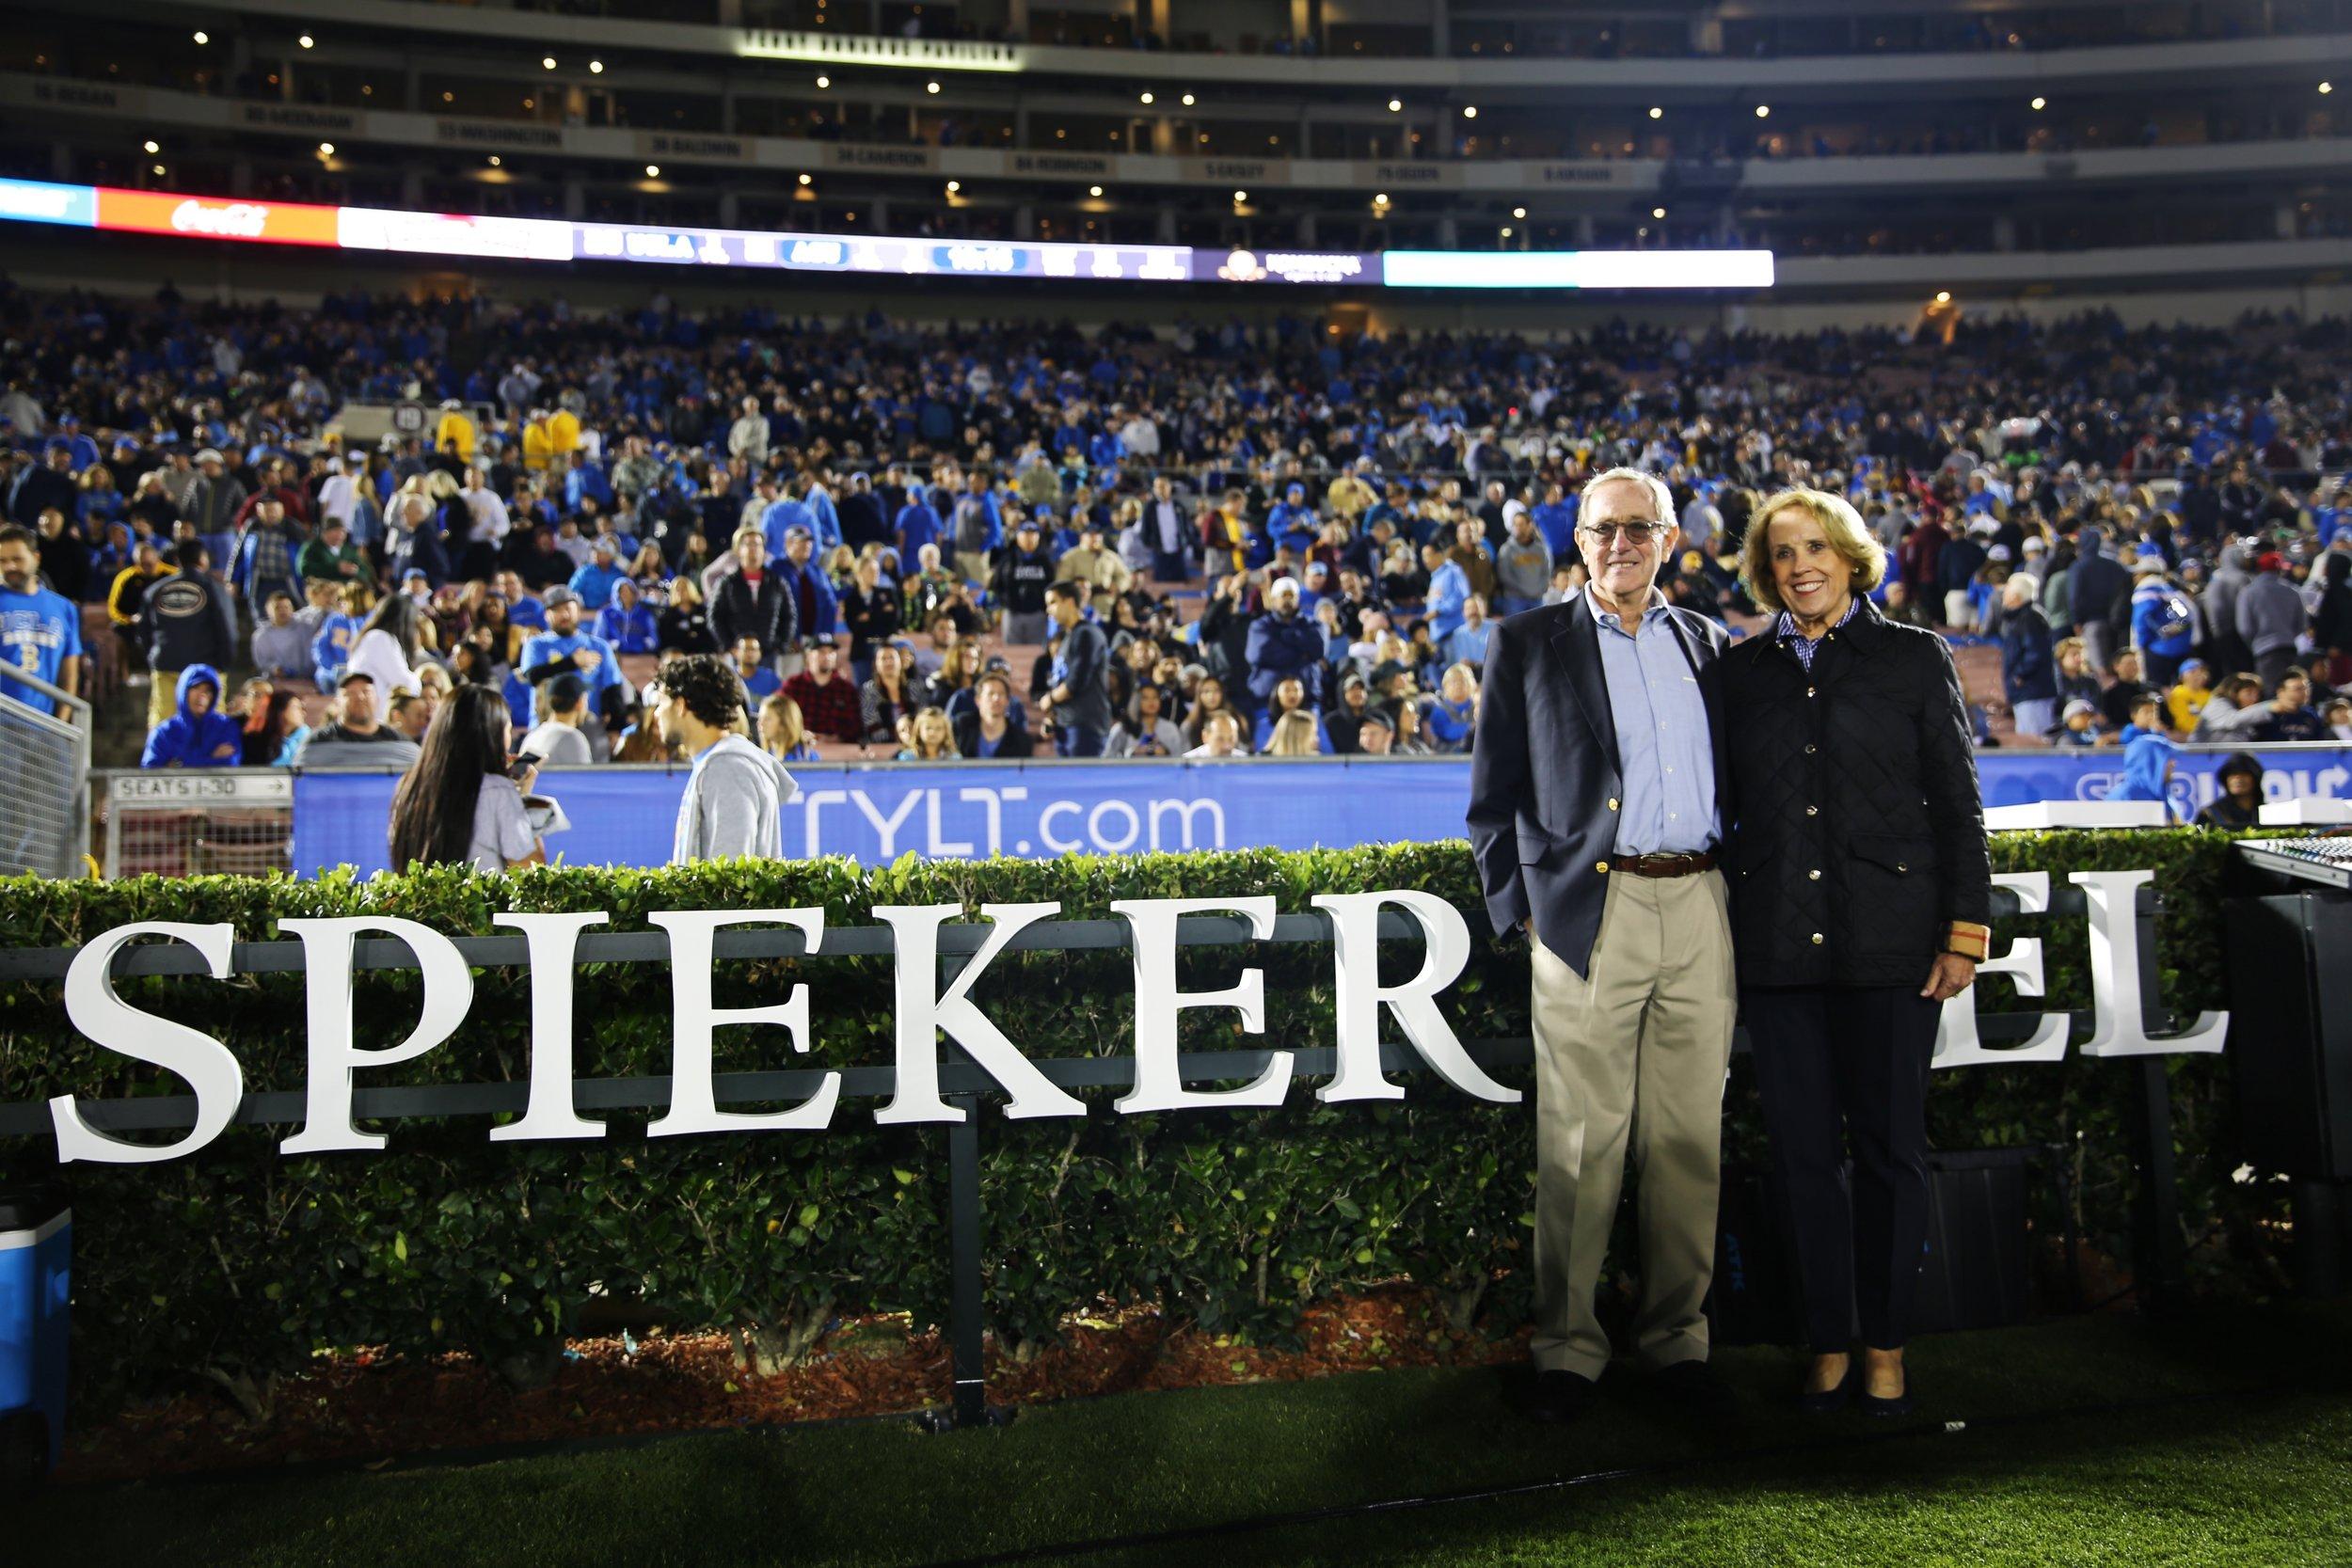 Spieker Field: